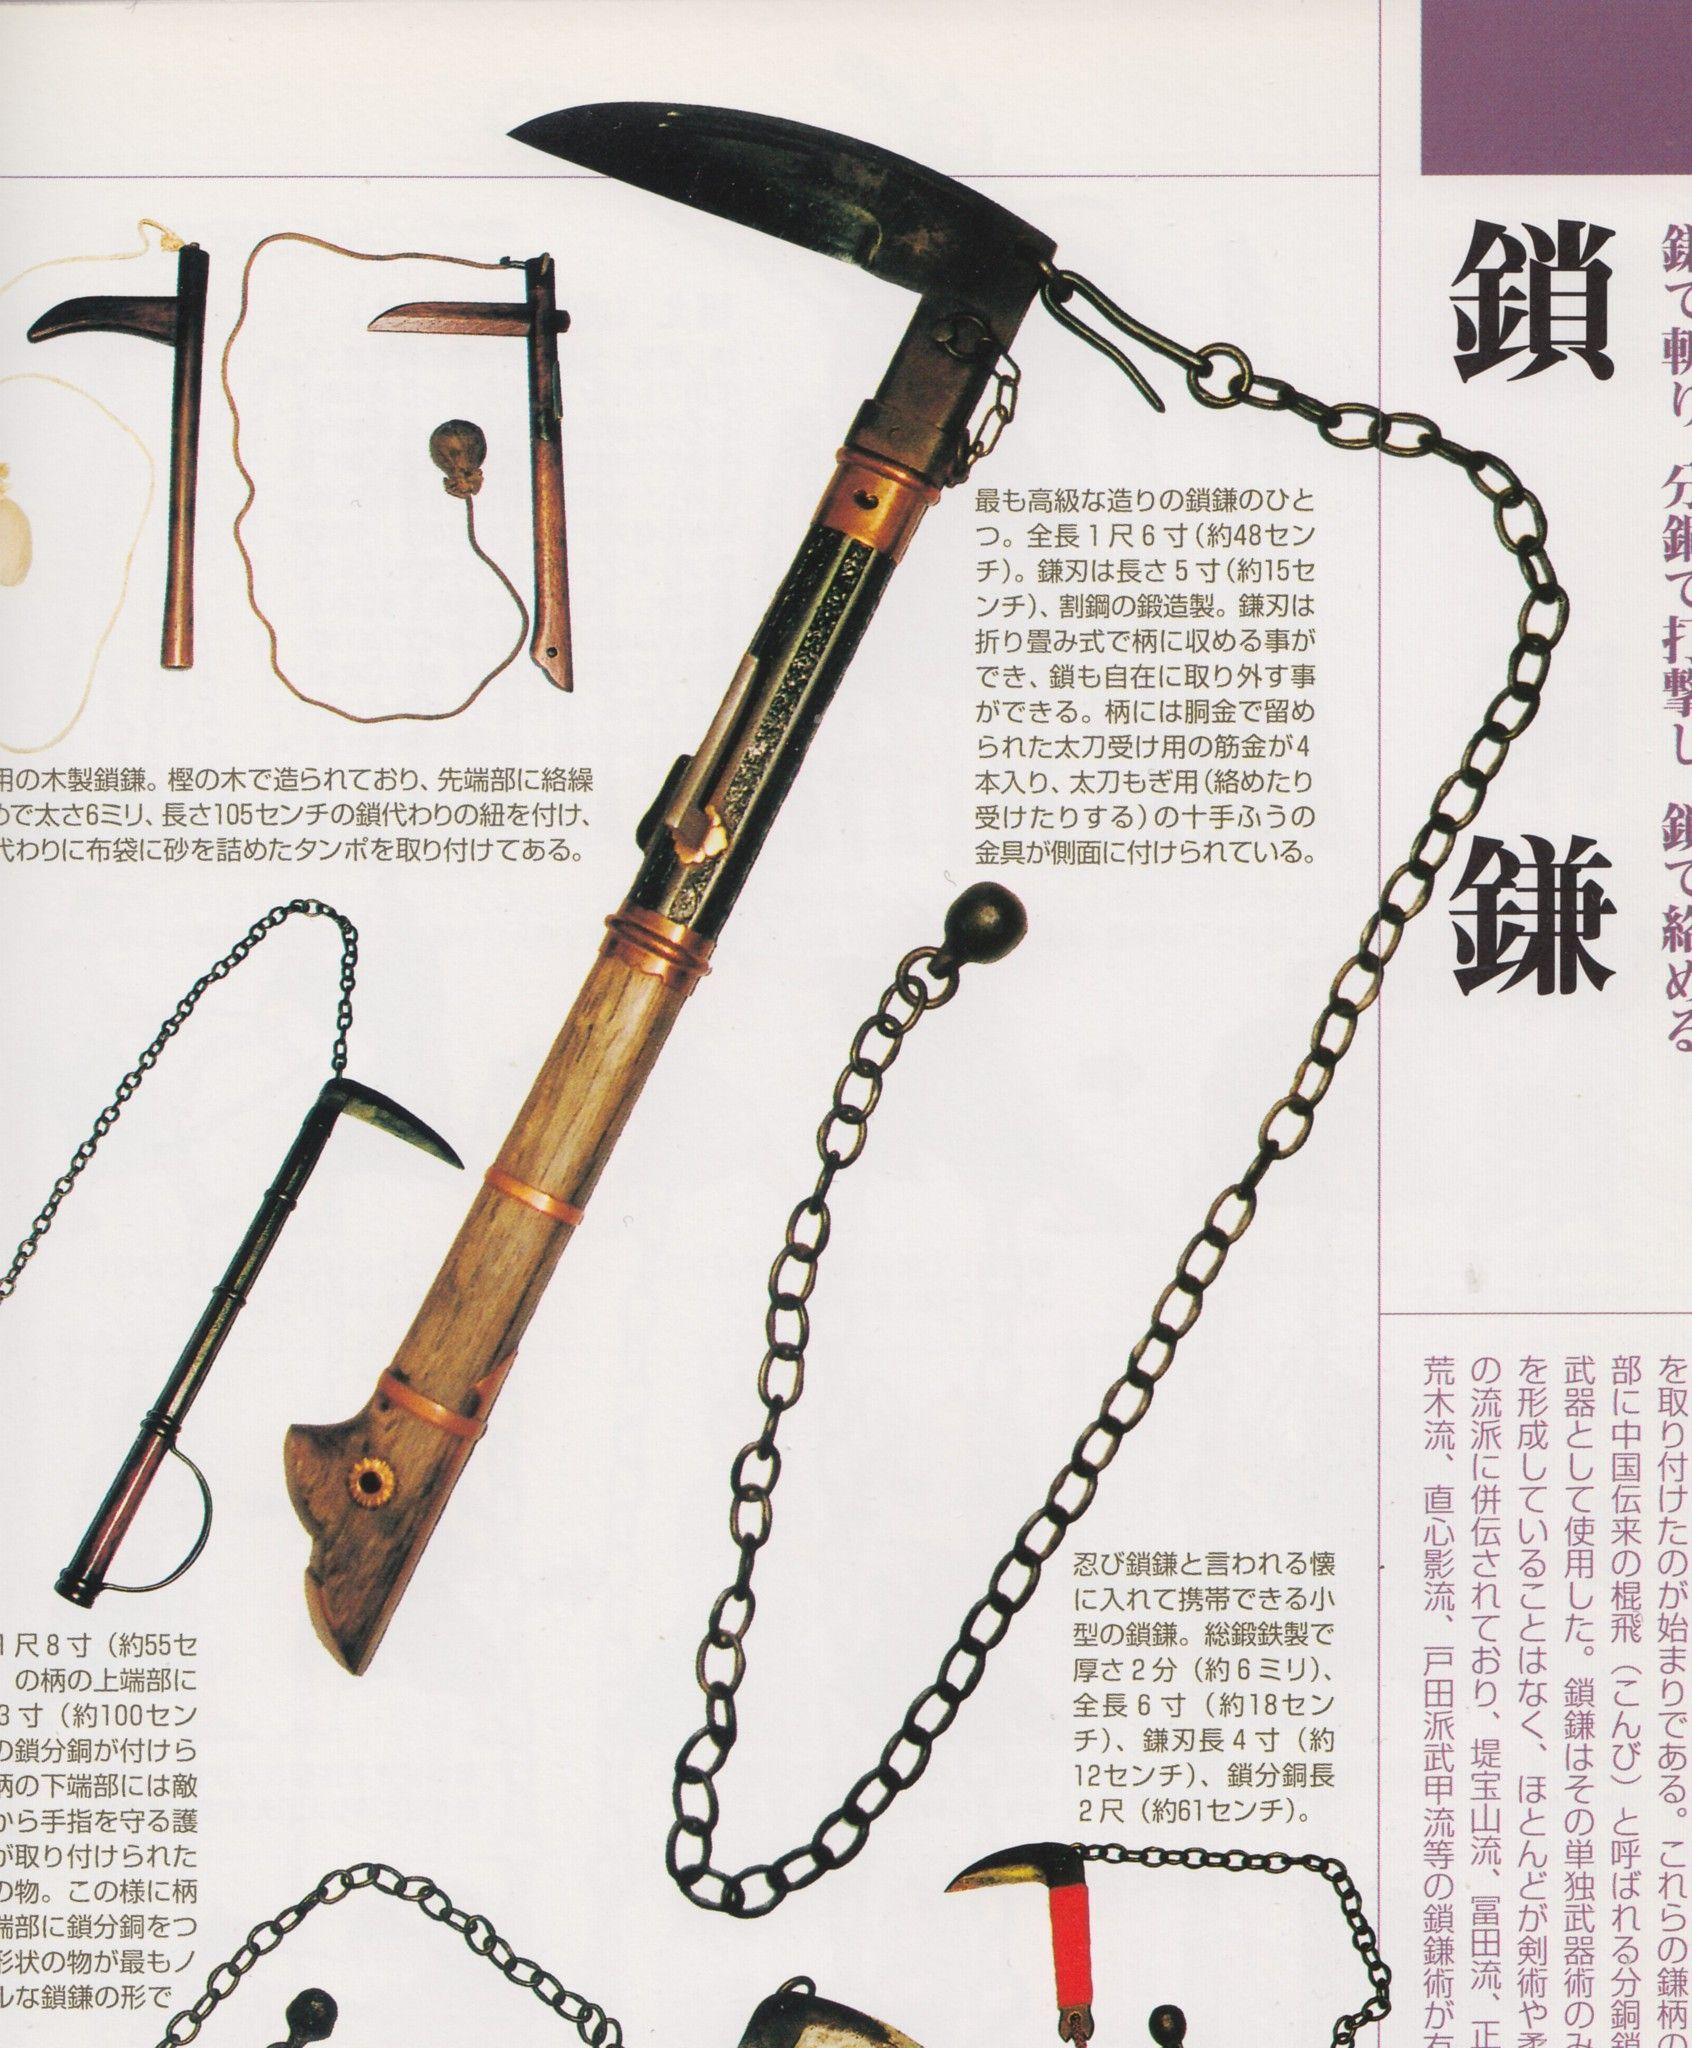 学研 図説 日本武器集成 引用26 鎖鎌 武器 鞭